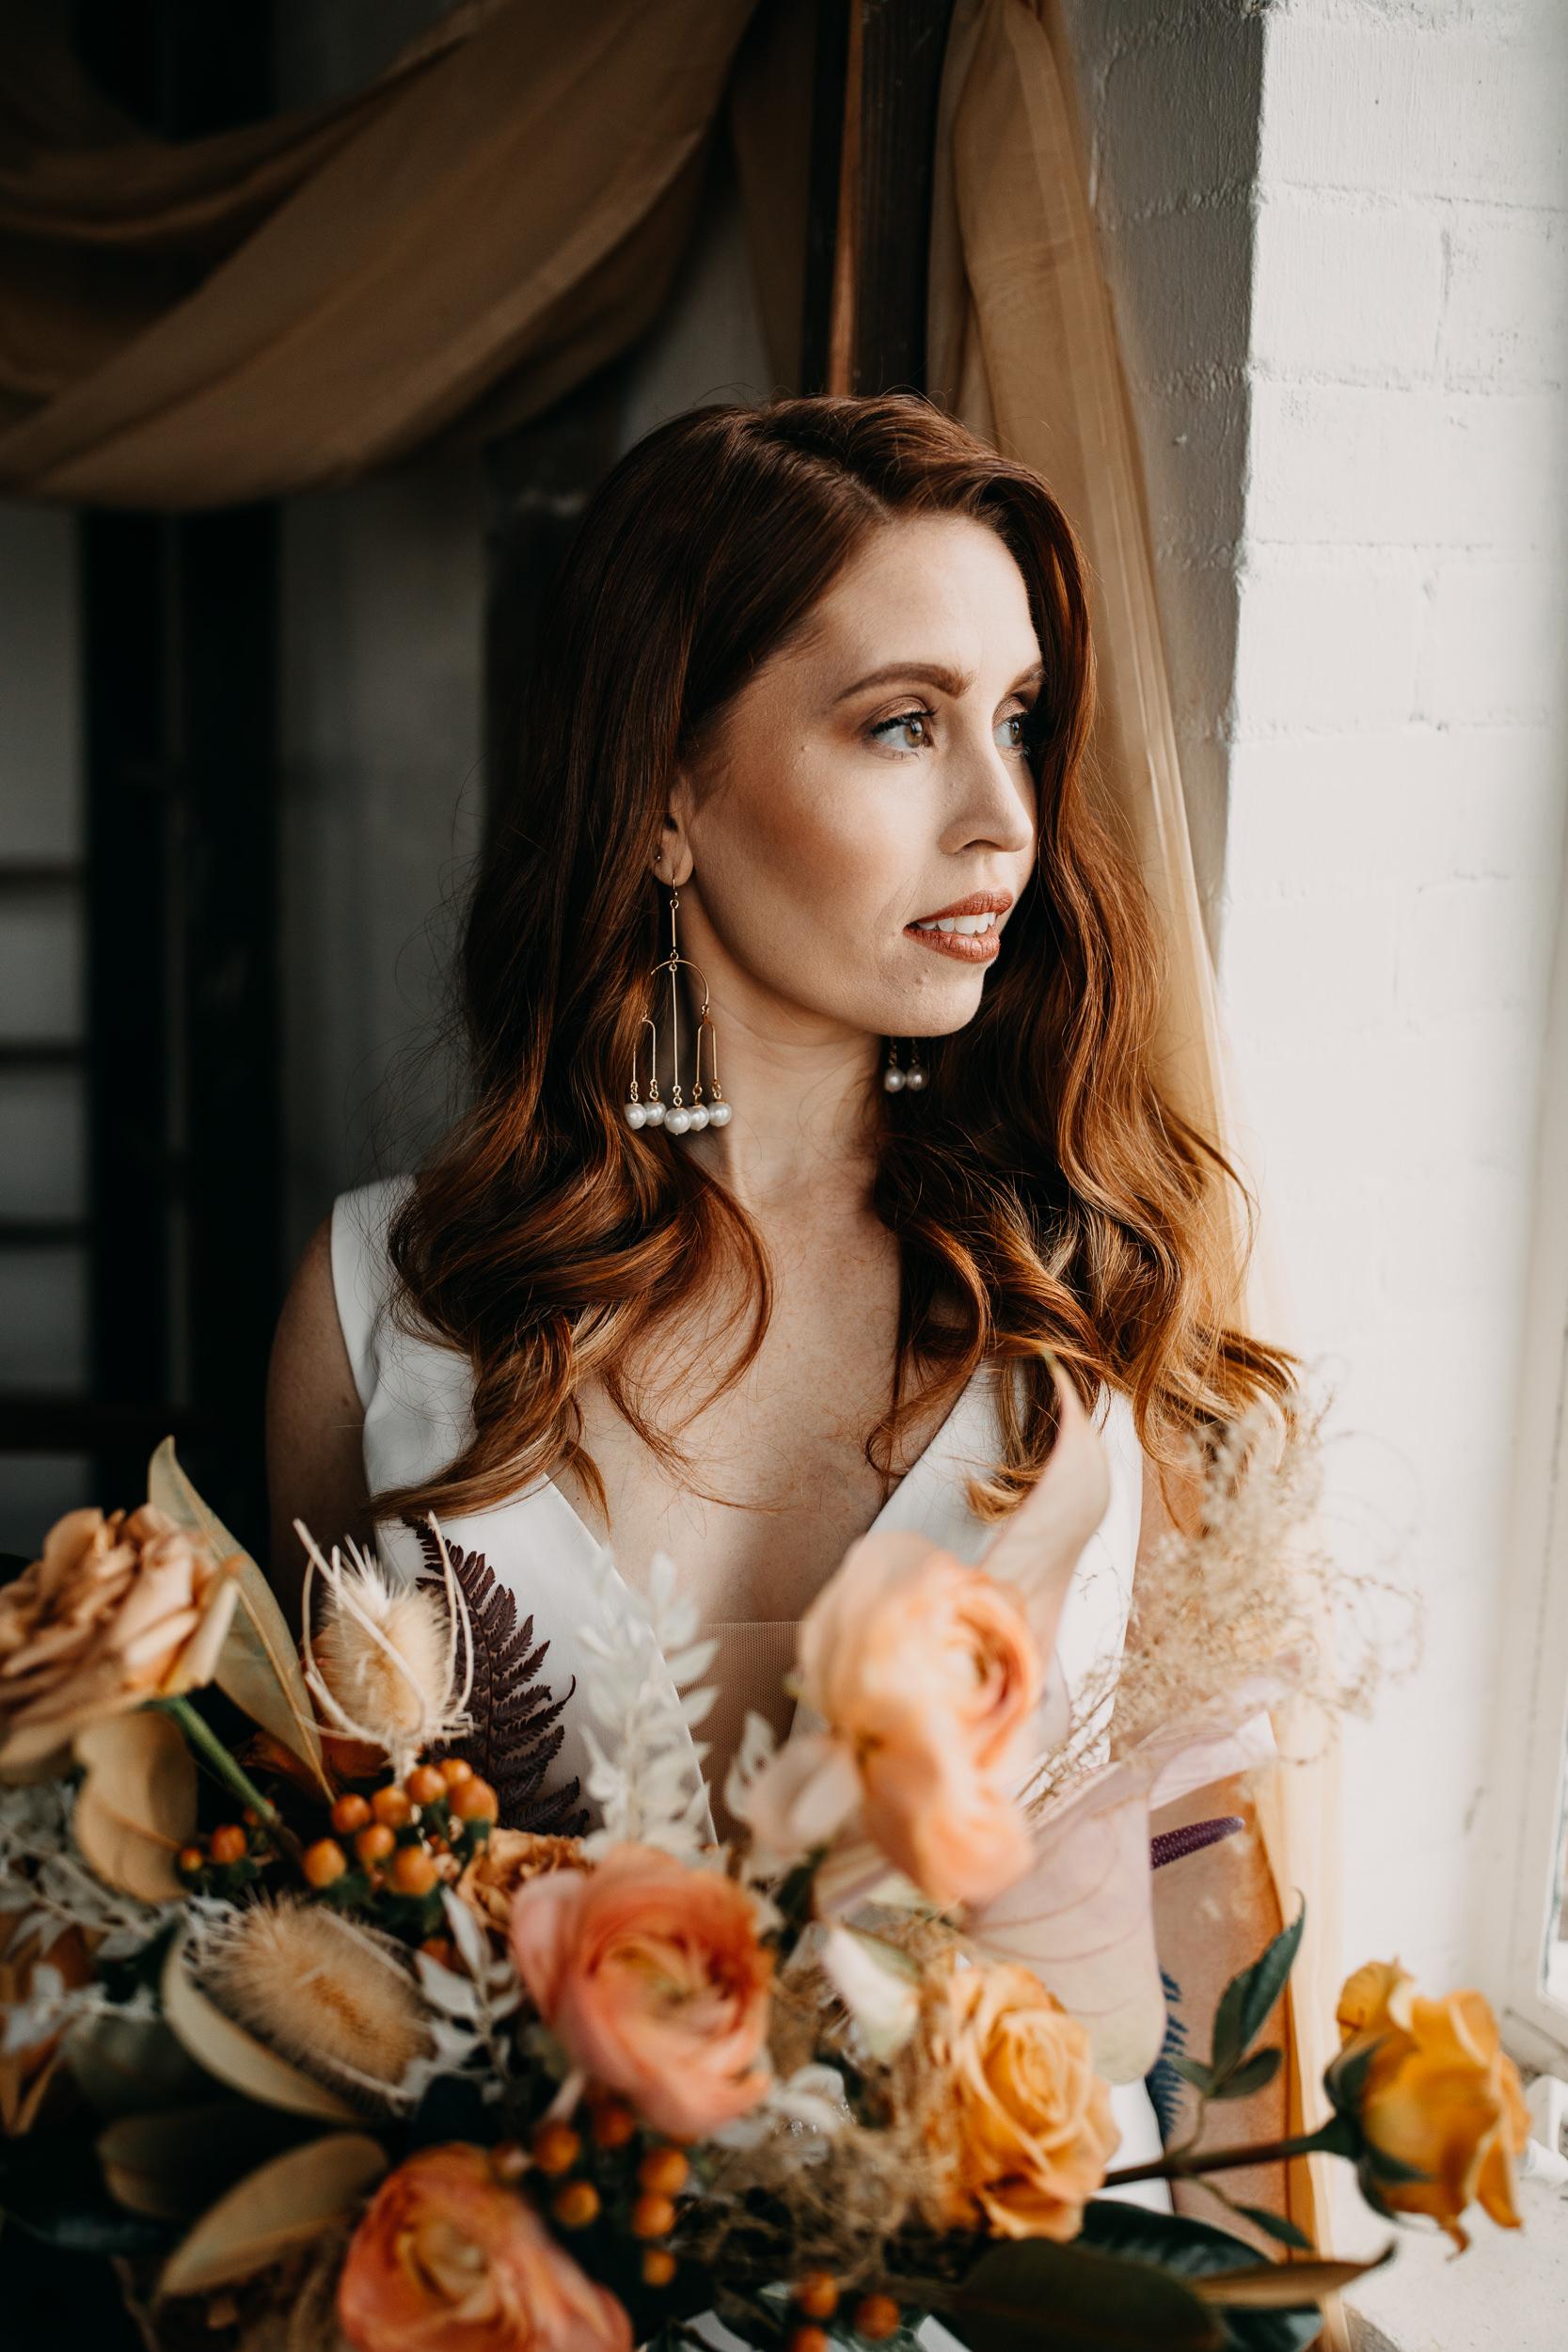 earthy bouquet. earth wedding. earthy bride. earthy flowers. earthy elopement. earthy wedding decor. earthy wedding colors. earthy wedding dress. earthy wedding details.